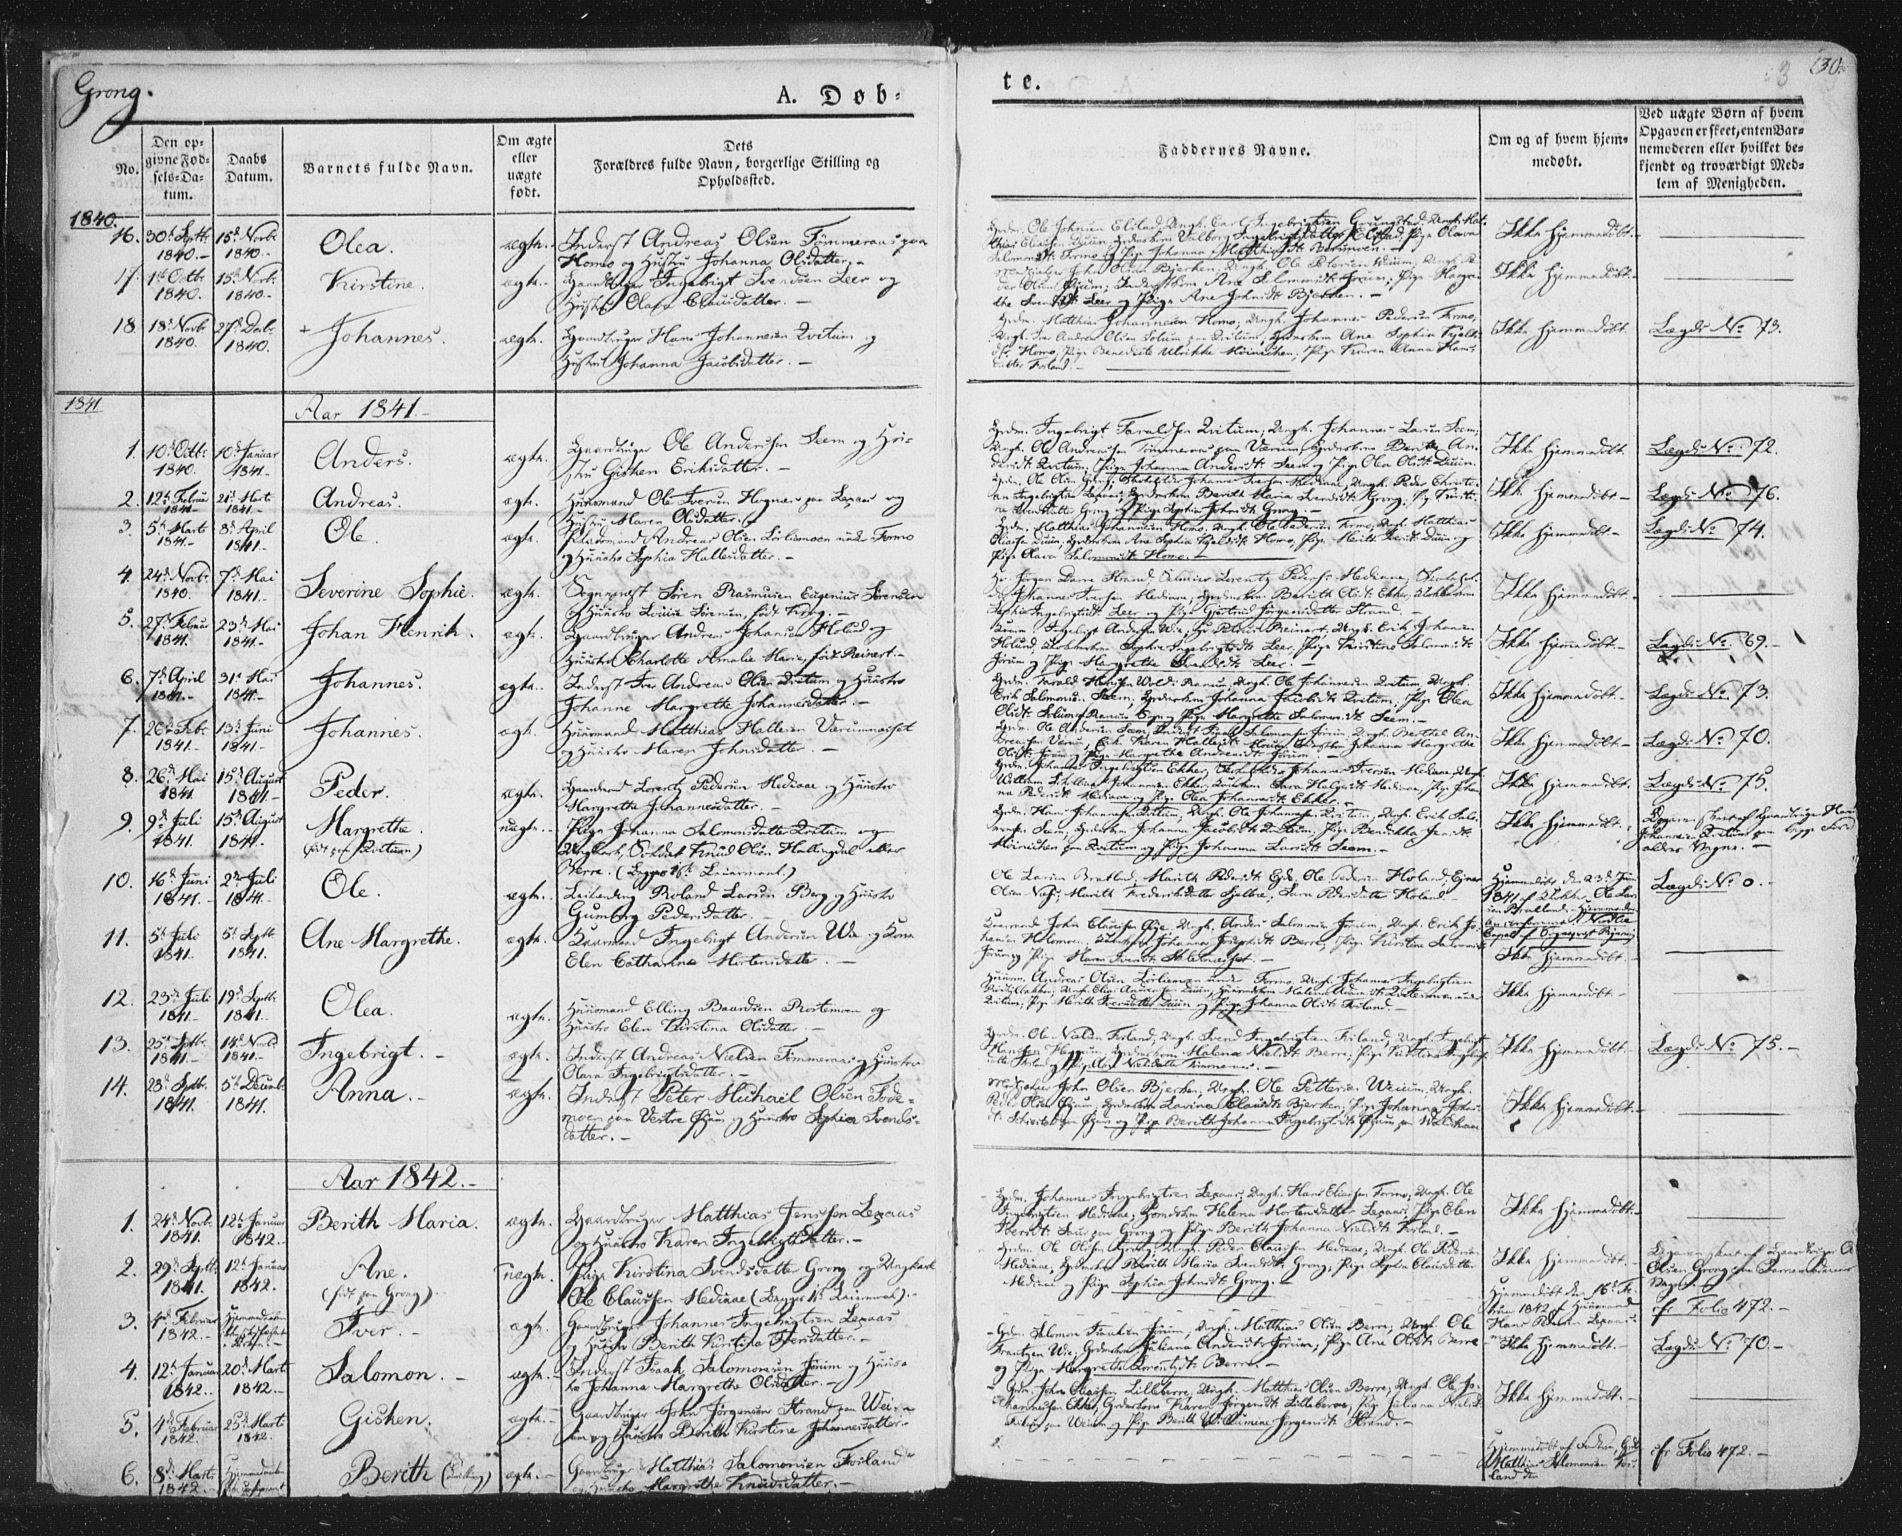 SAT, Ministerialprotokoller, klokkerbøker og fødselsregistre - Nord-Trøndelag, 758/L0513: Ministerialbok nr. 758A02 /1, 1839-1868, s. 3